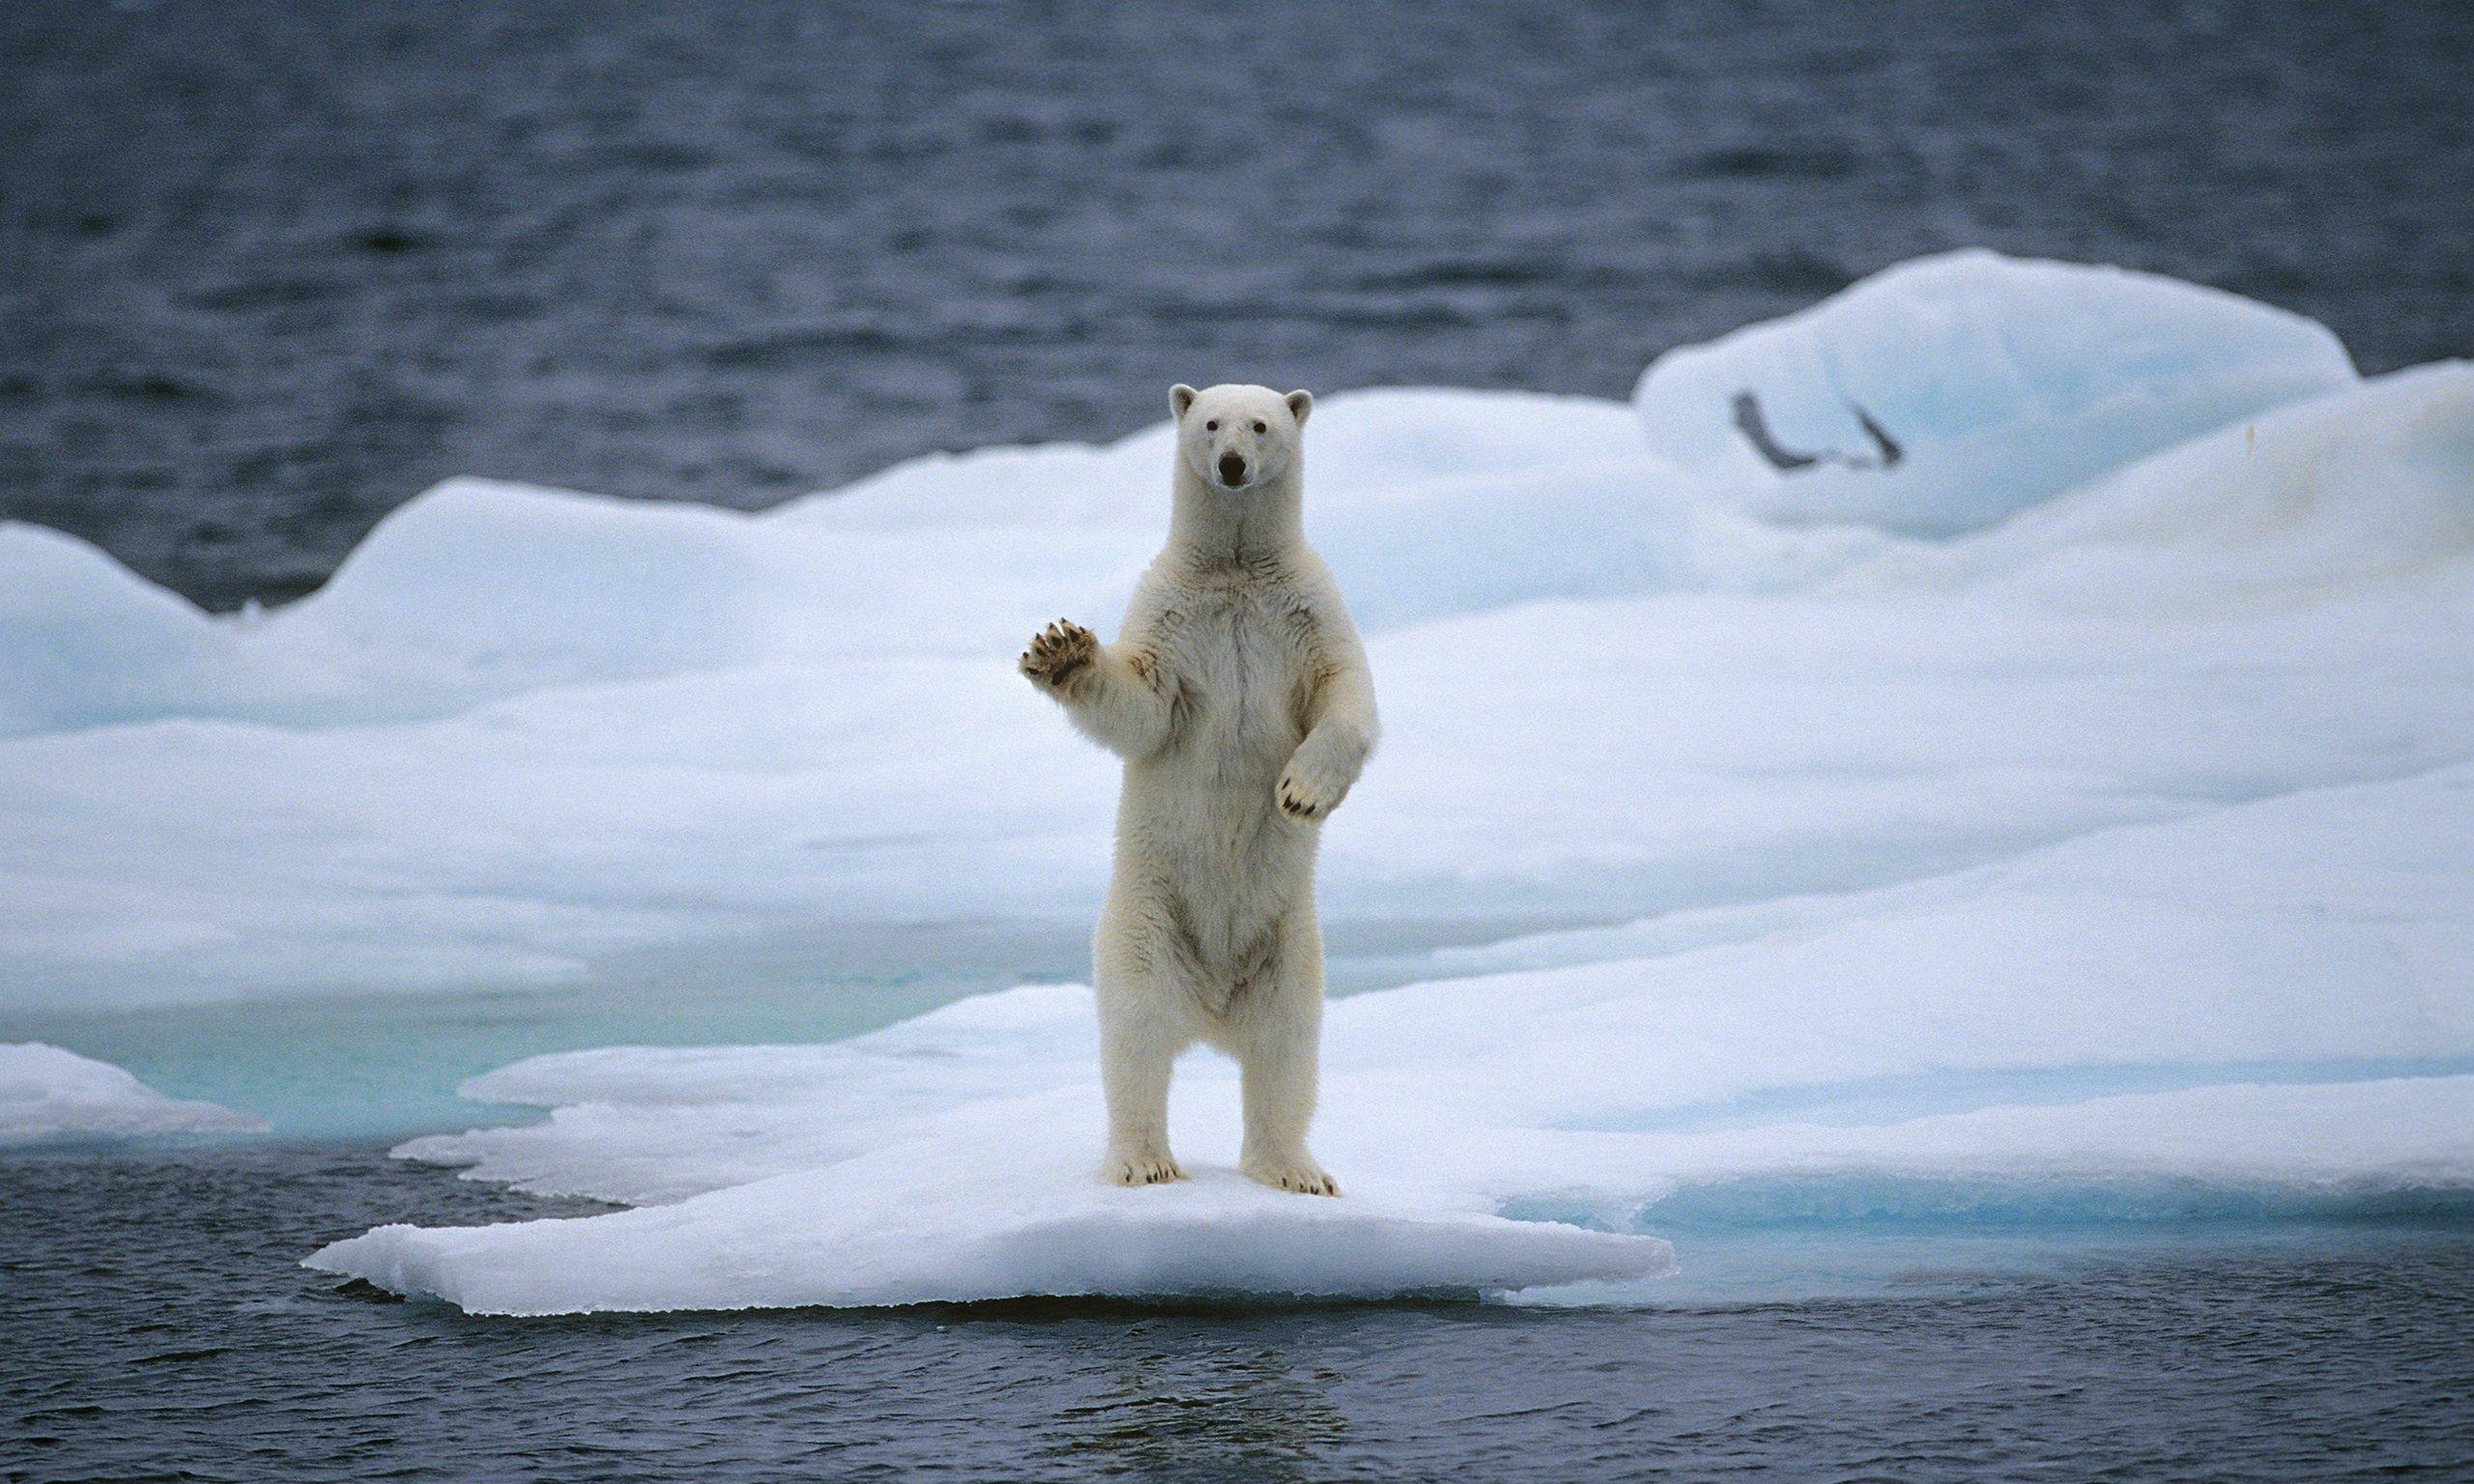 Το λιώσιμο των πάγων: ένα ανησυχητικό φαινόμενο » Power Politics